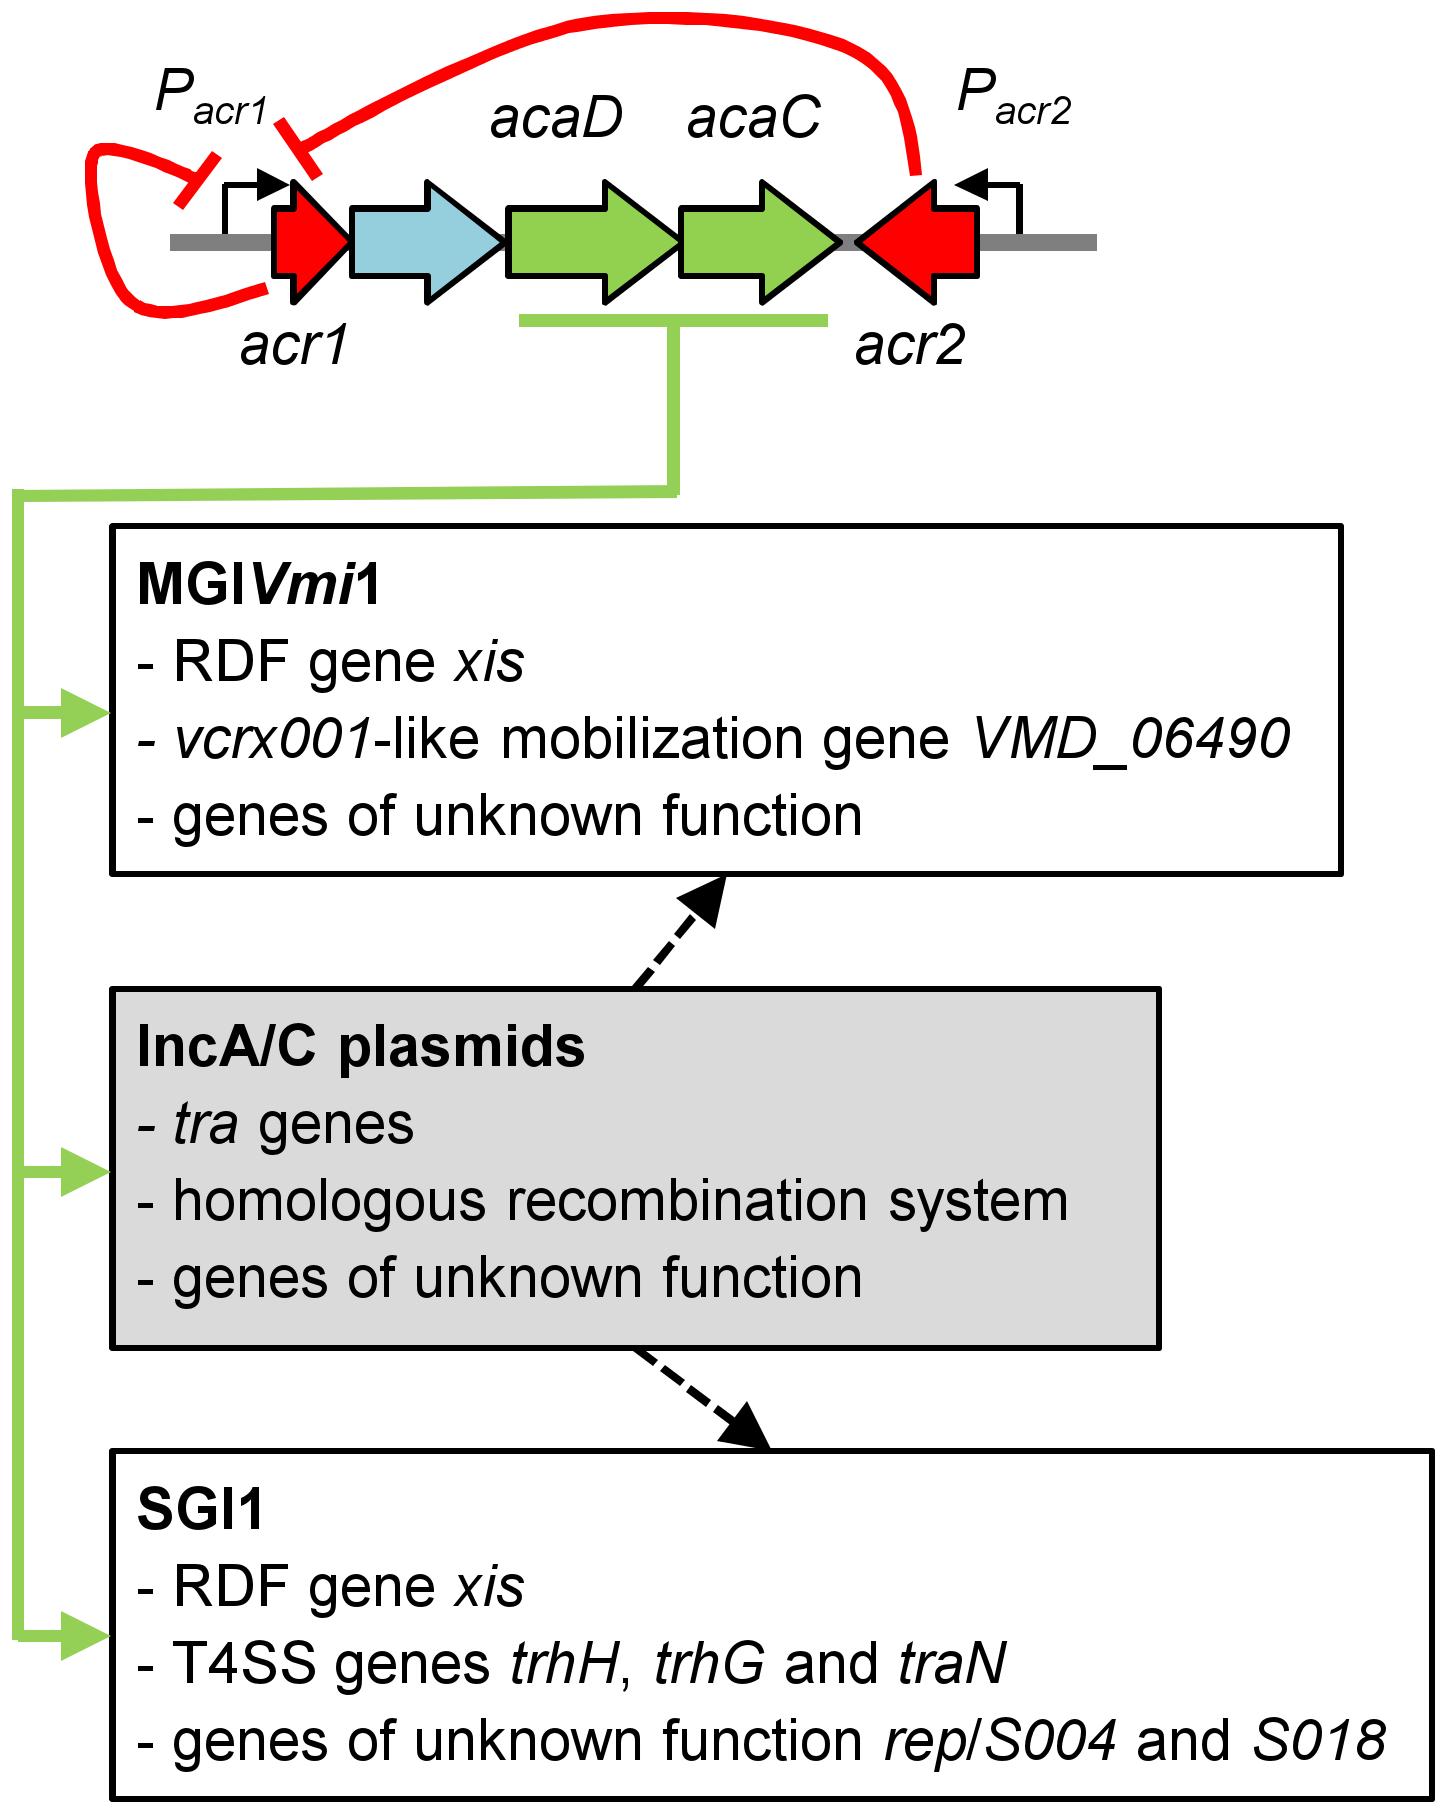 Model of regulation of IncA/C plasmids and interaction with genomic islands.